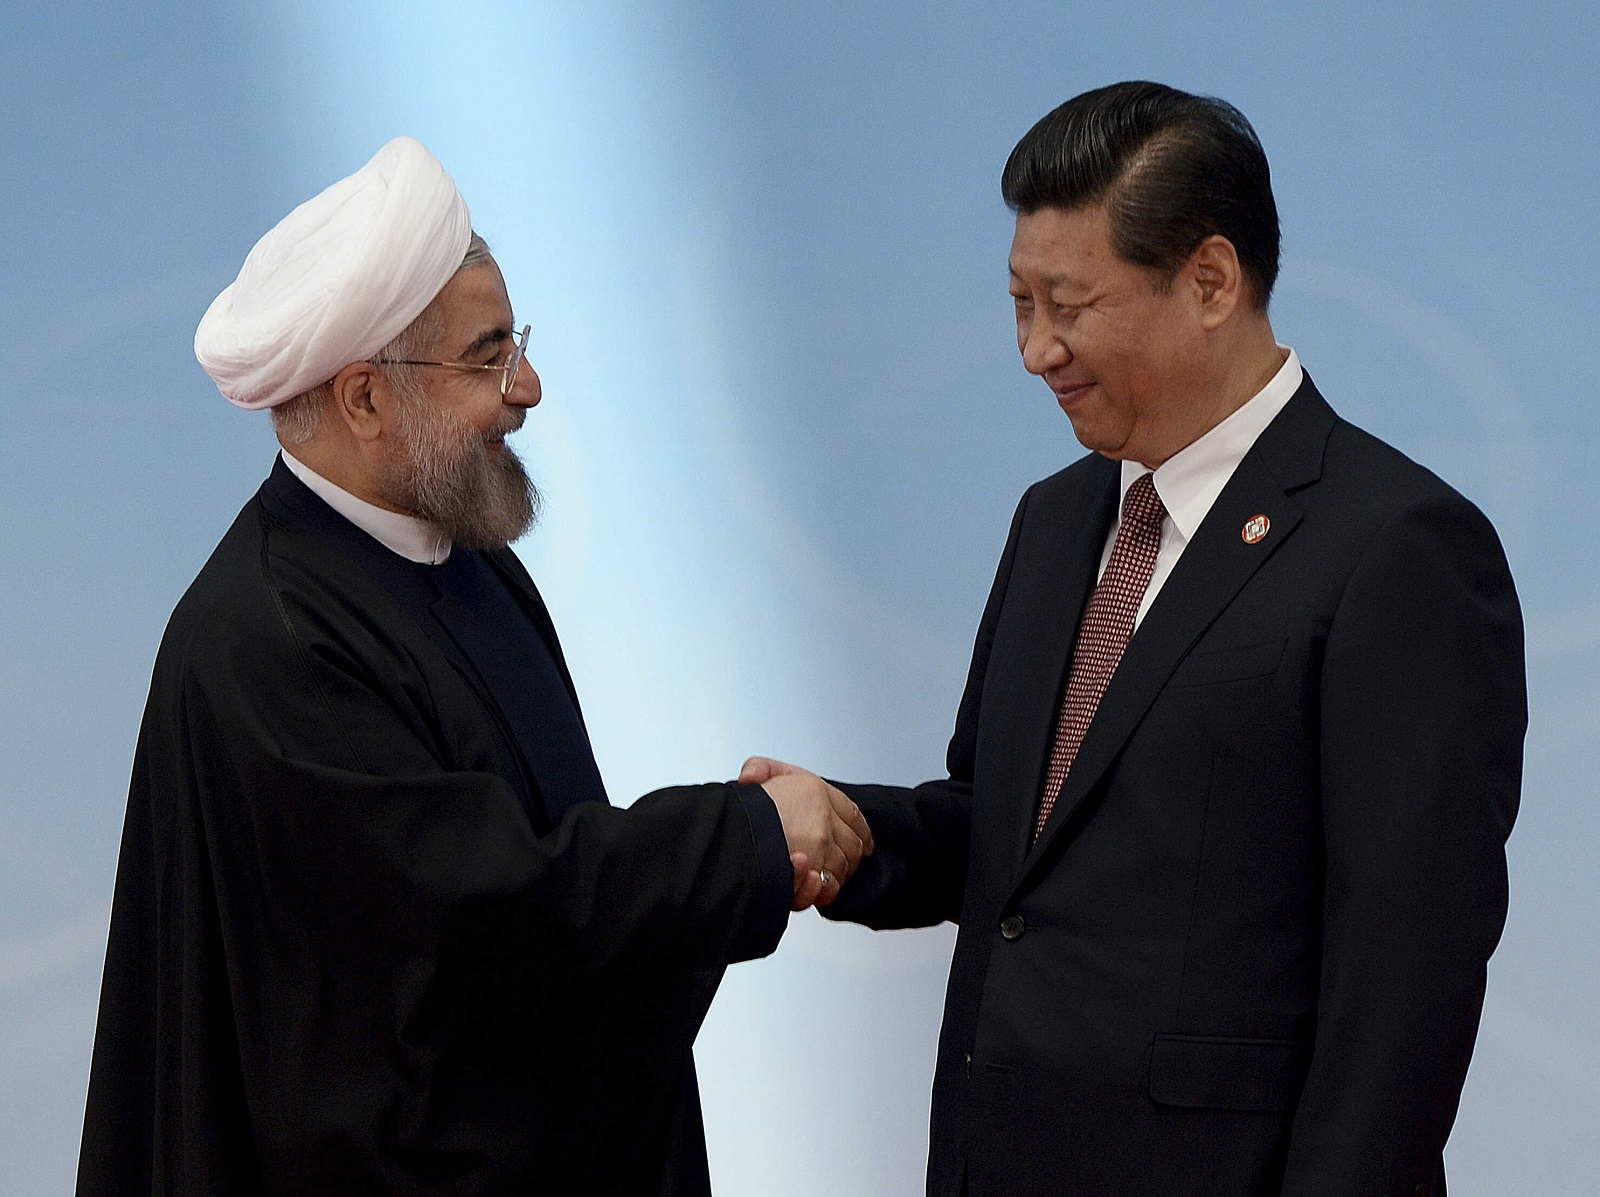 آیا ممکن است توافق ایران و چین در نهایت به ضرر آمریکا تمام نشود؟